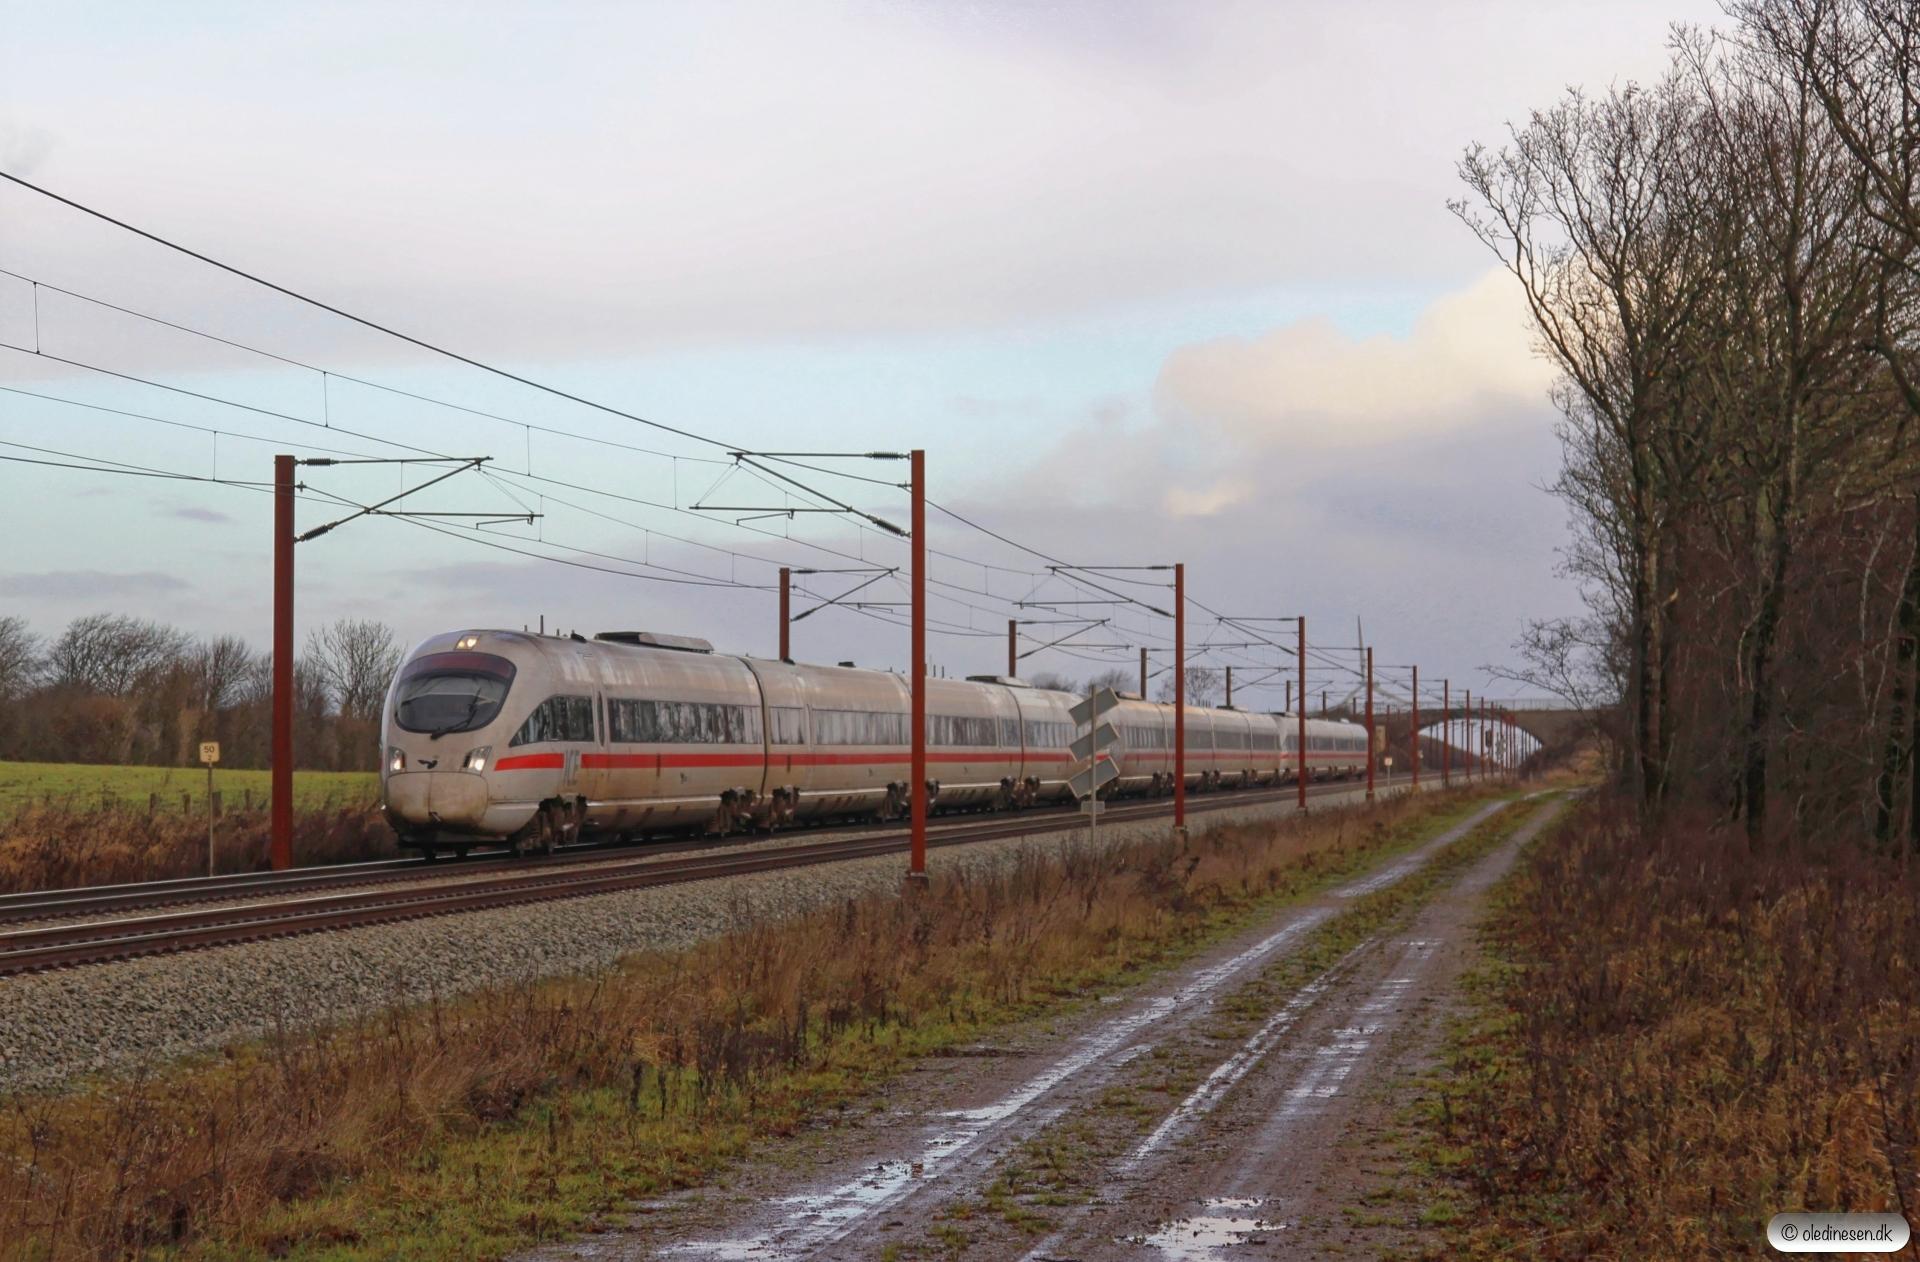 DB 605 018-0+DB 605 016-4+DB 605 011-5 som M 6469 Rg-Pa. Km 50,2 Fa (Farris-Sommersted) 11.12.2016.